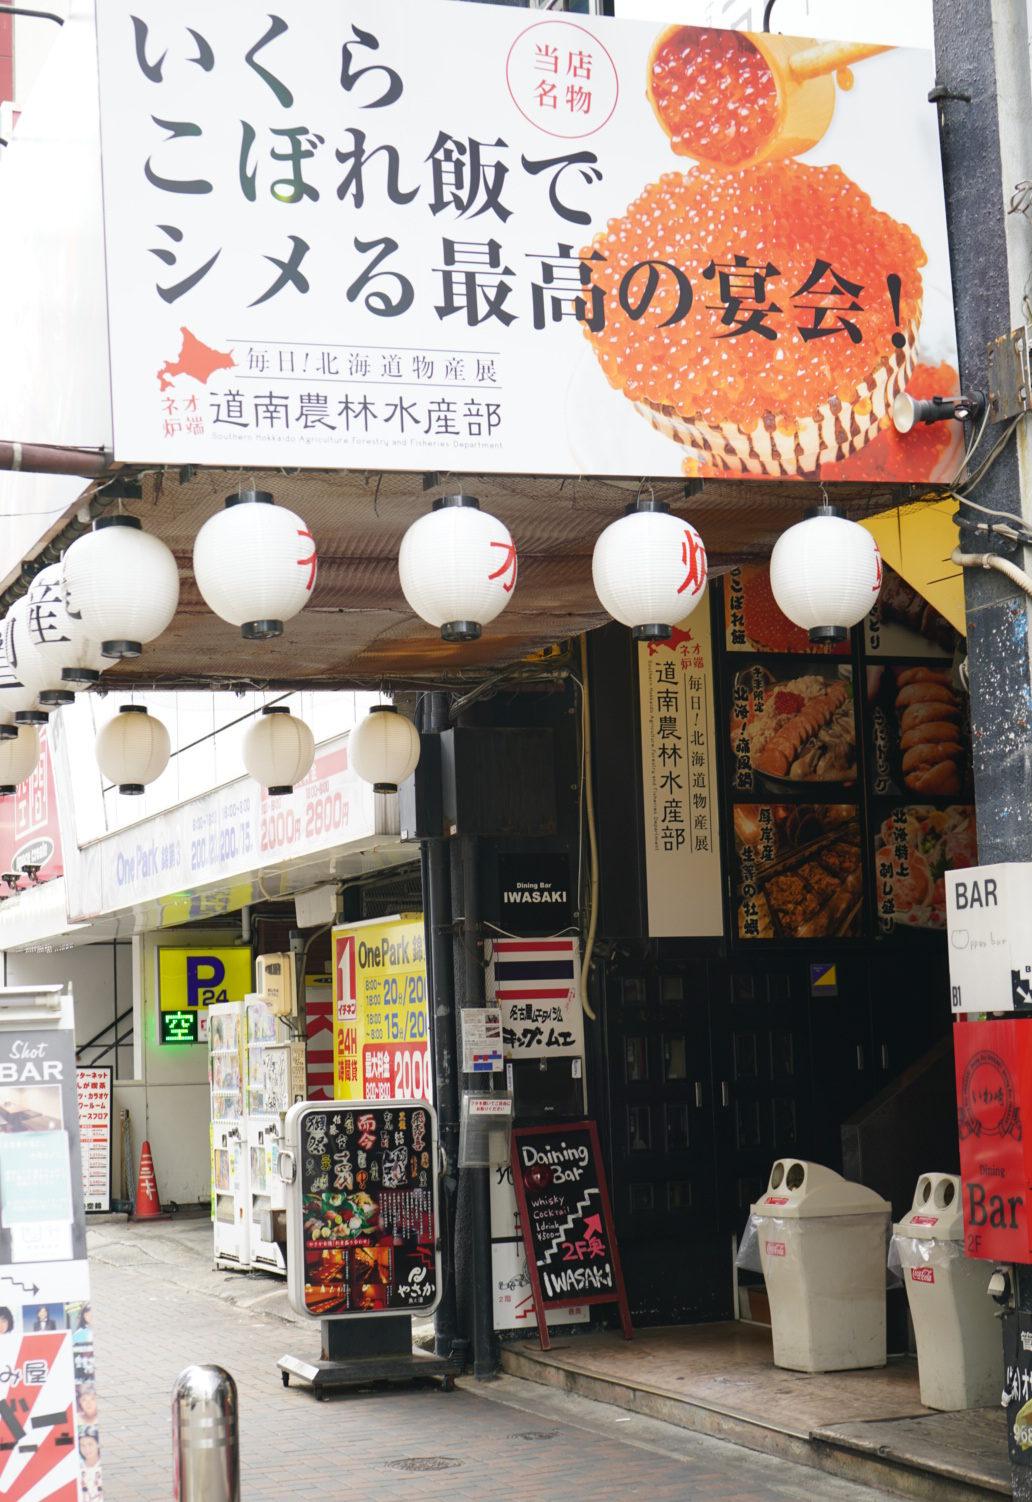 名古屋・栄に新オープン!オムライス×クリームソーダが楽しめる隠れ家店「バッチグー!」で幸せを食べてきました - DSC01960 e1593937032201